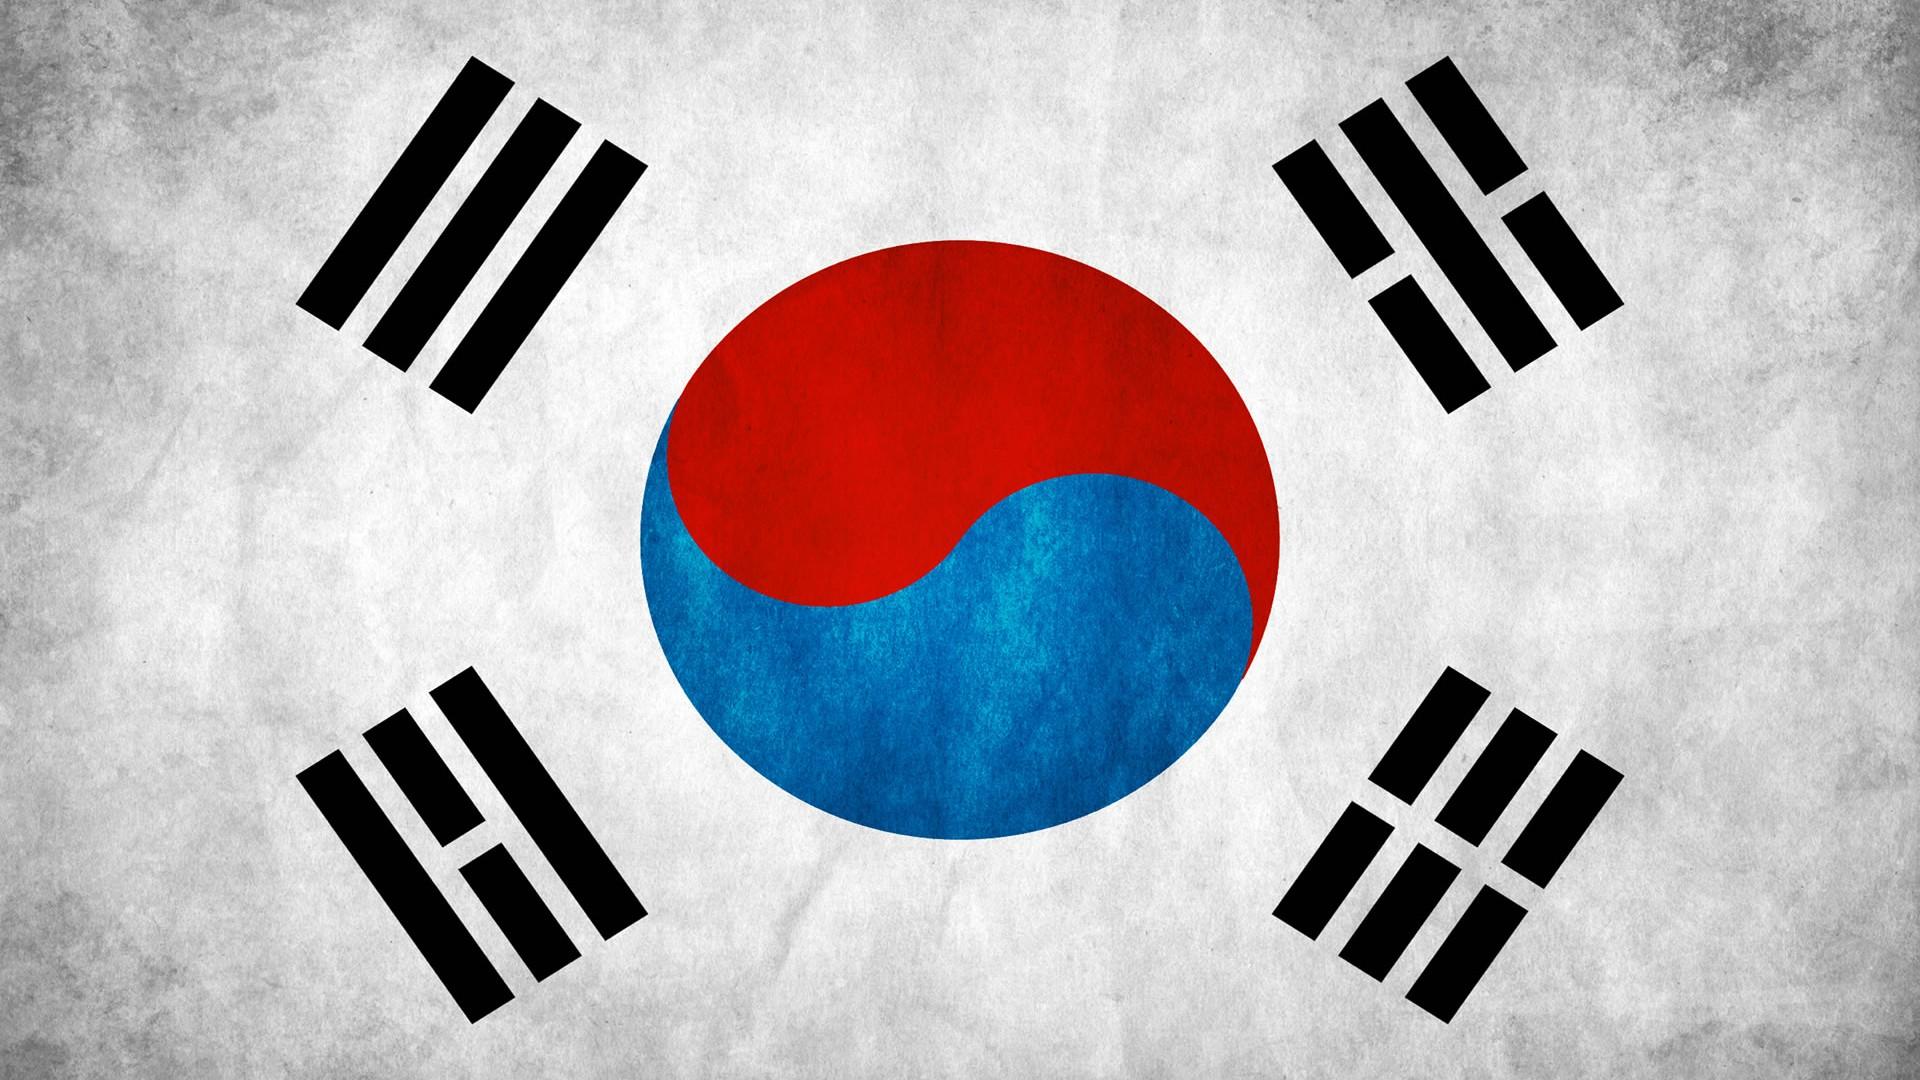 Bitcoin vuelve a caer después que Coreo del Sur propone reglas más estrictas